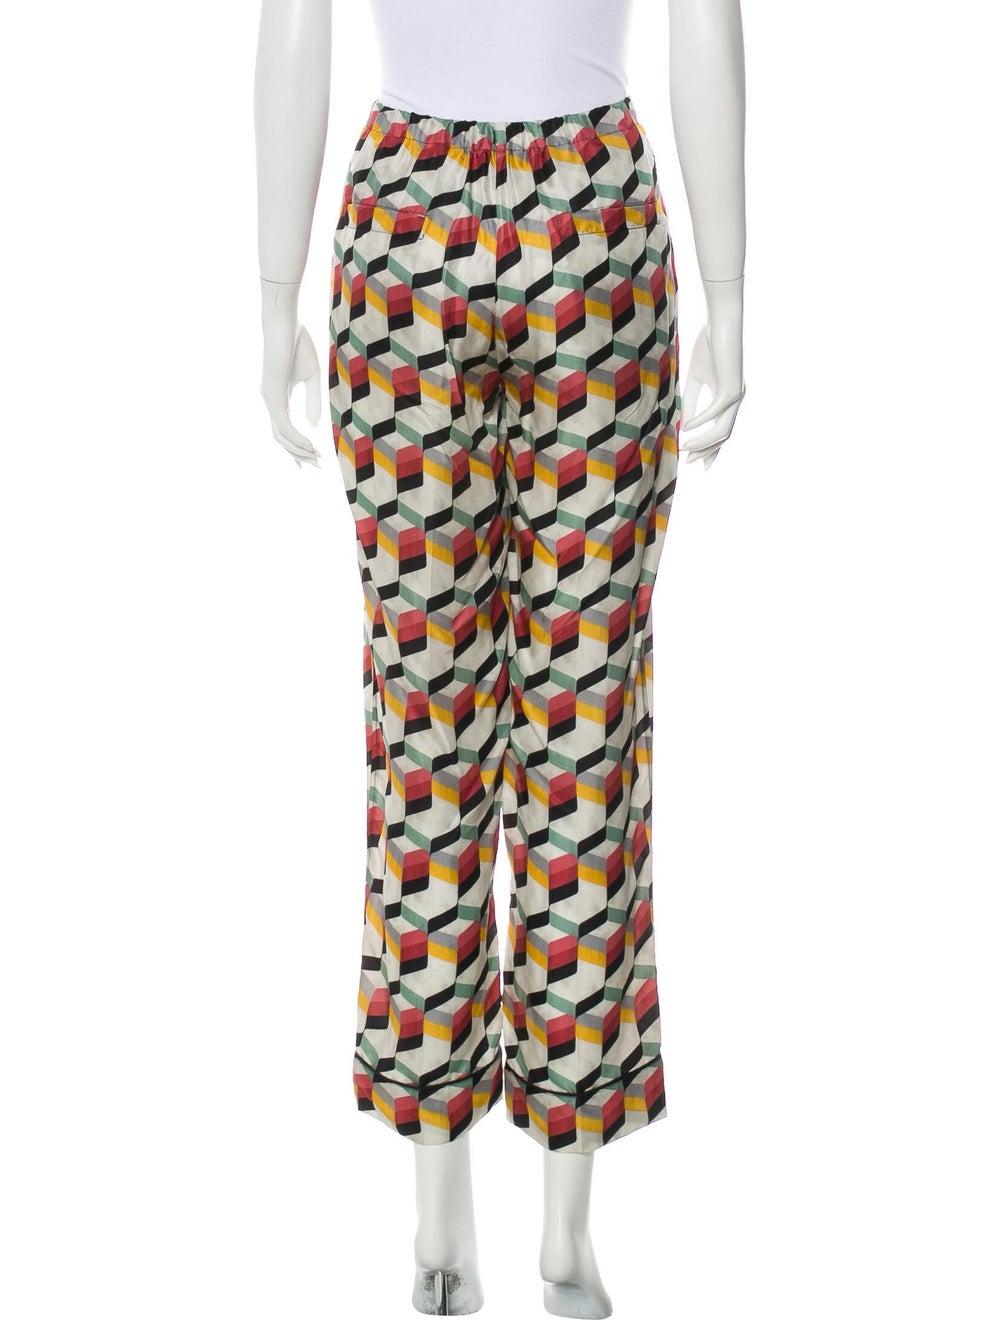 Prada 2017 Silk Pajamas - image 3